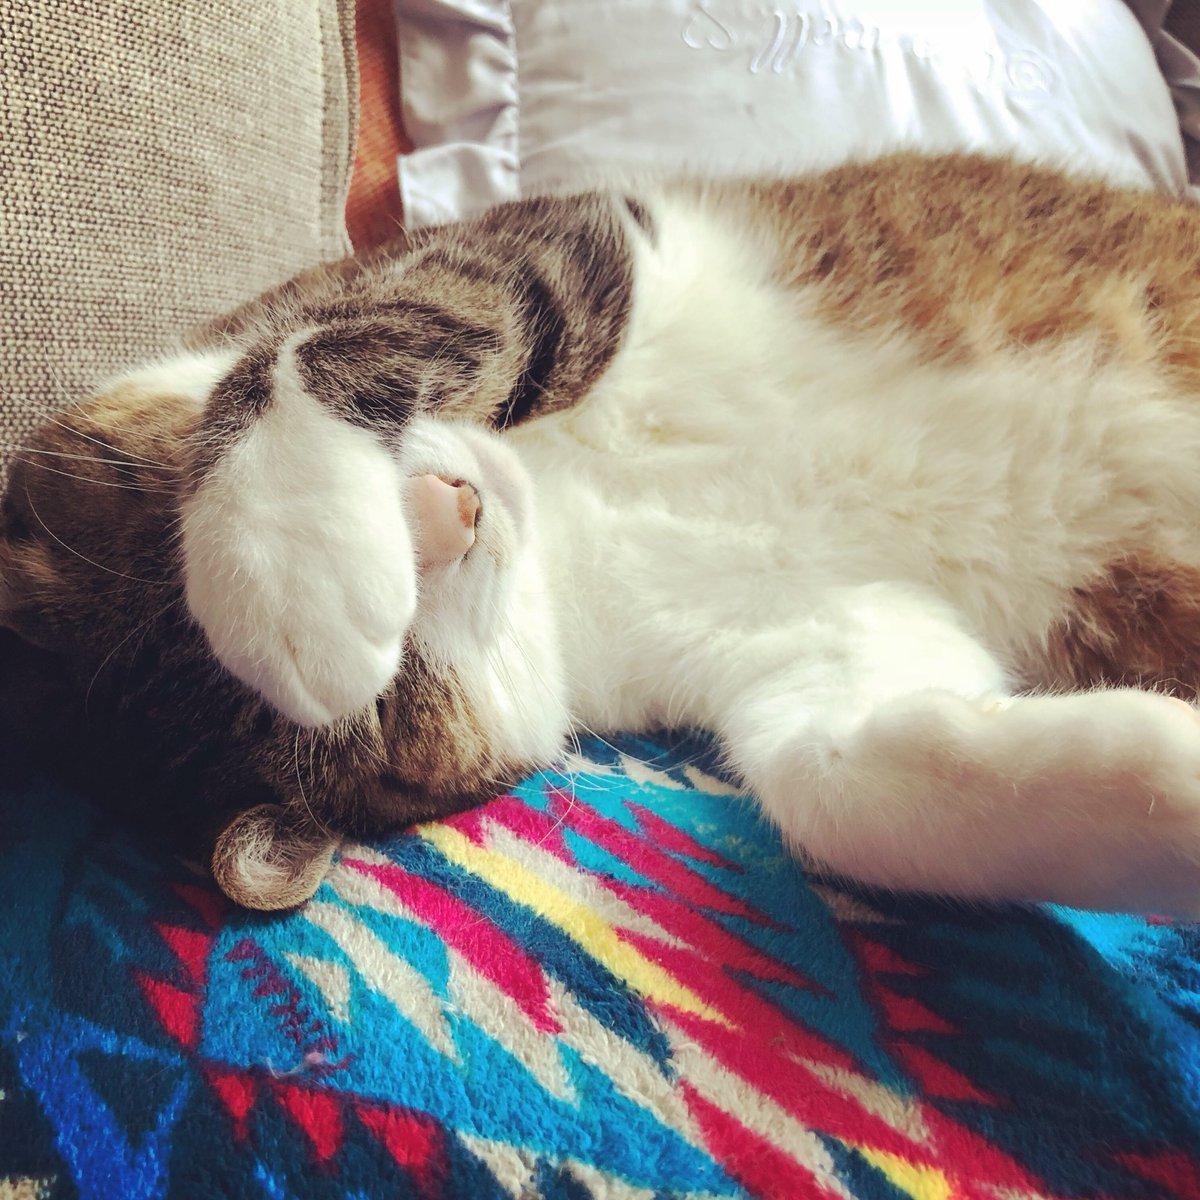 ソファでこんな生き物がこんな愛らしい寝方してたら正直困るな…